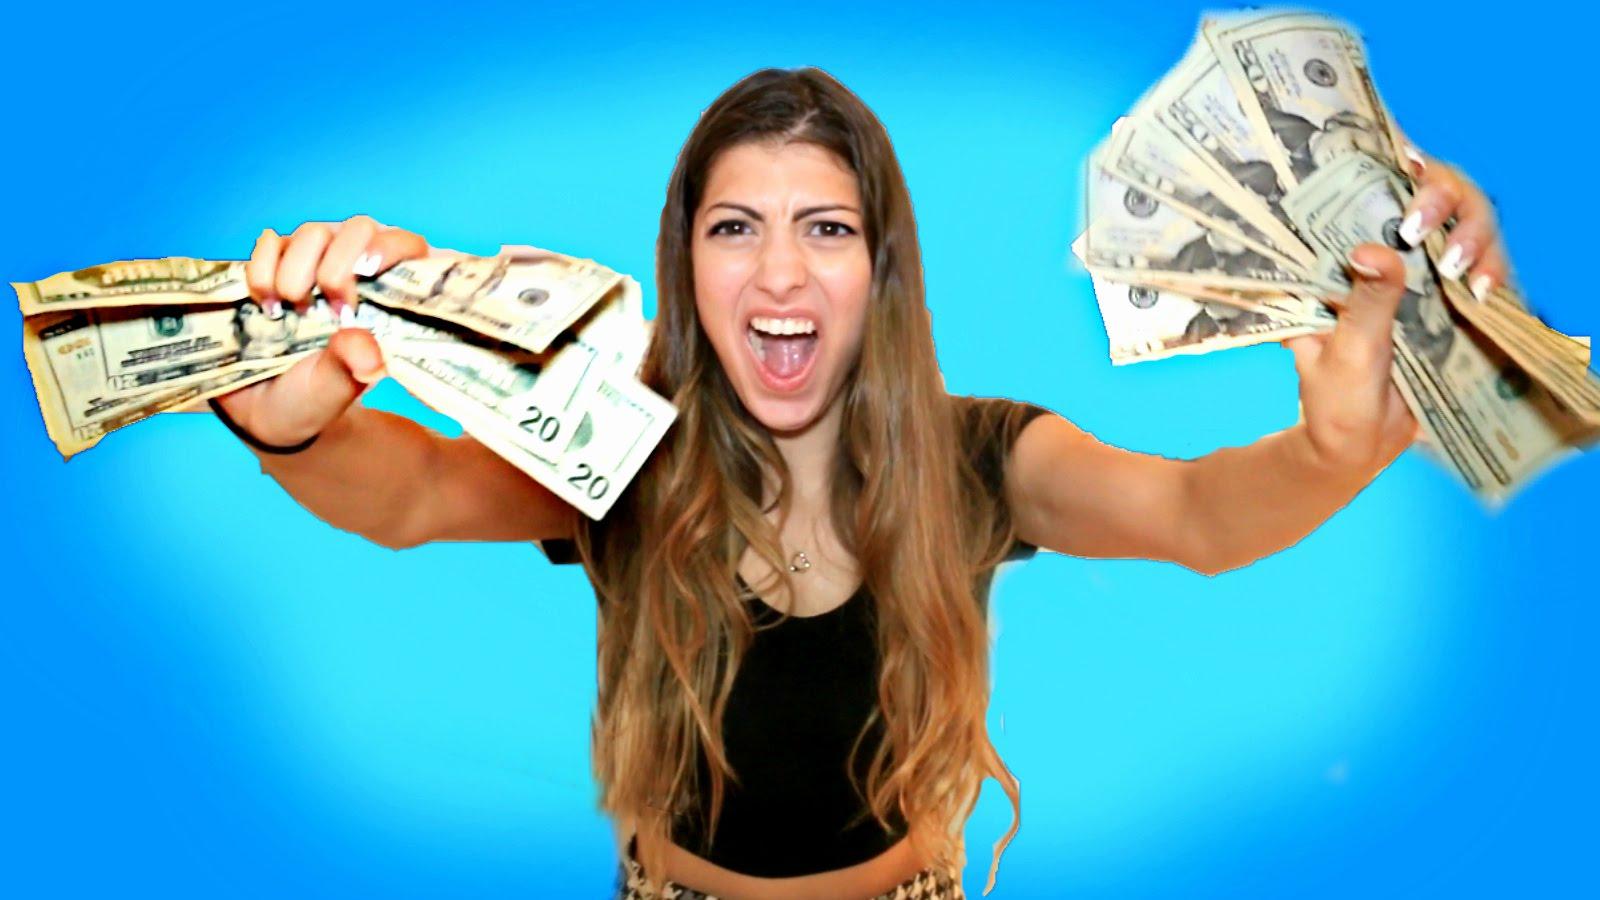 make money online home based jobs earn real extra income real easy ways to make money online